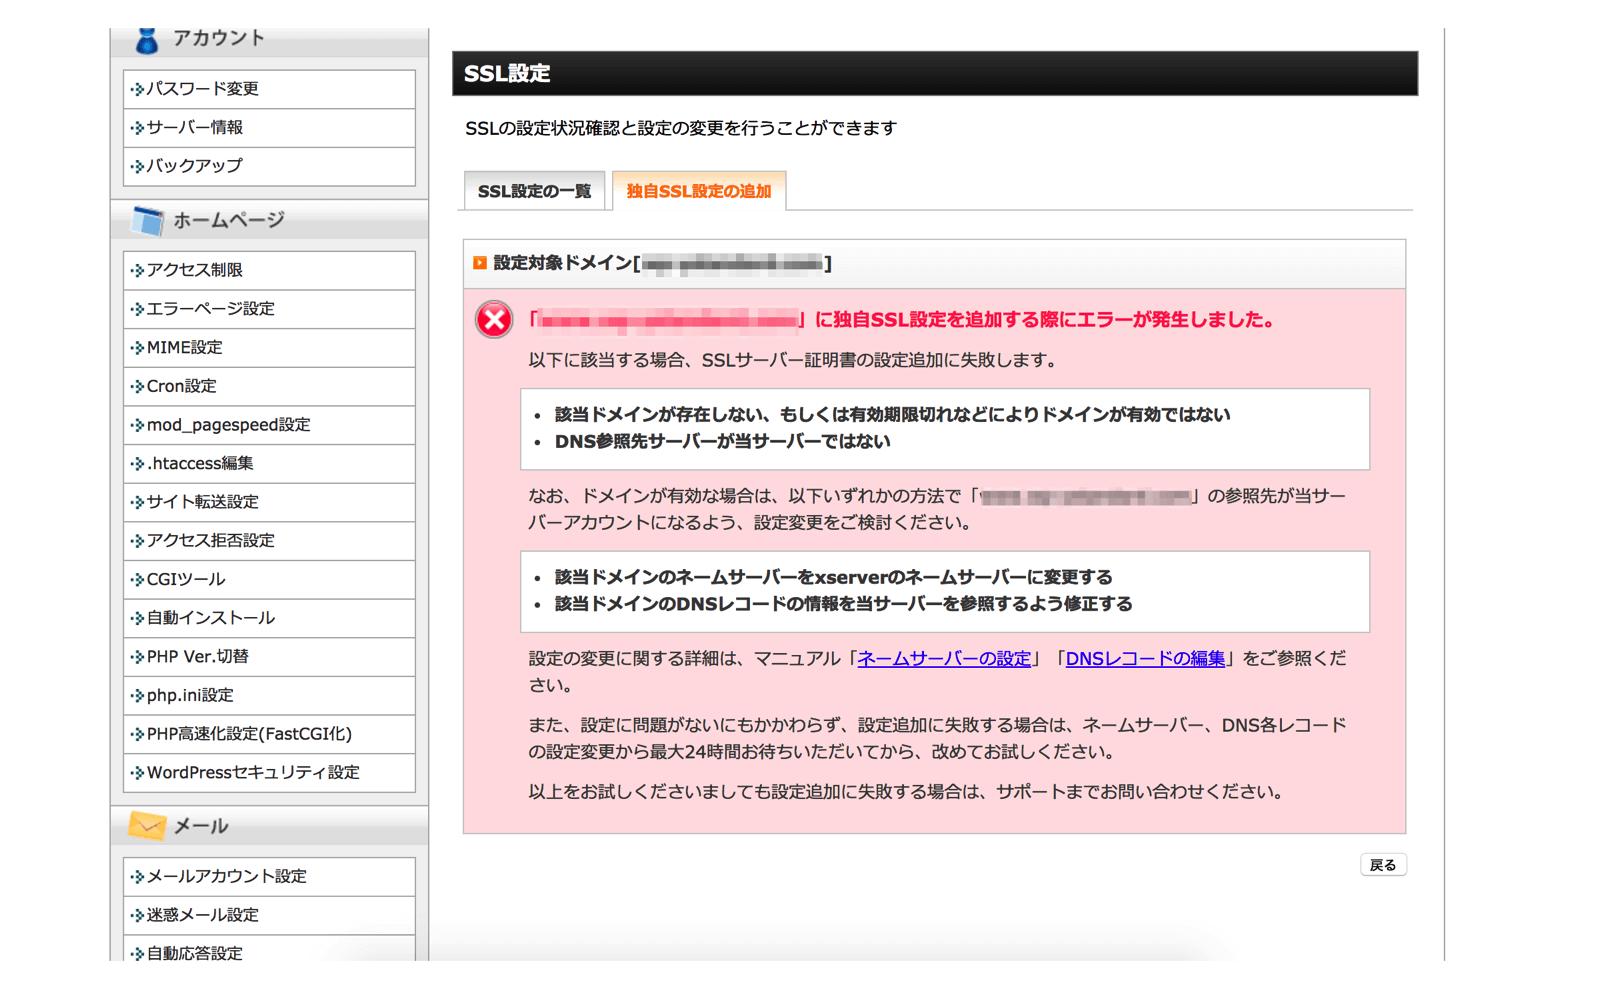 SSL追加でエラーが出るようであればドメインの設定を確認してください